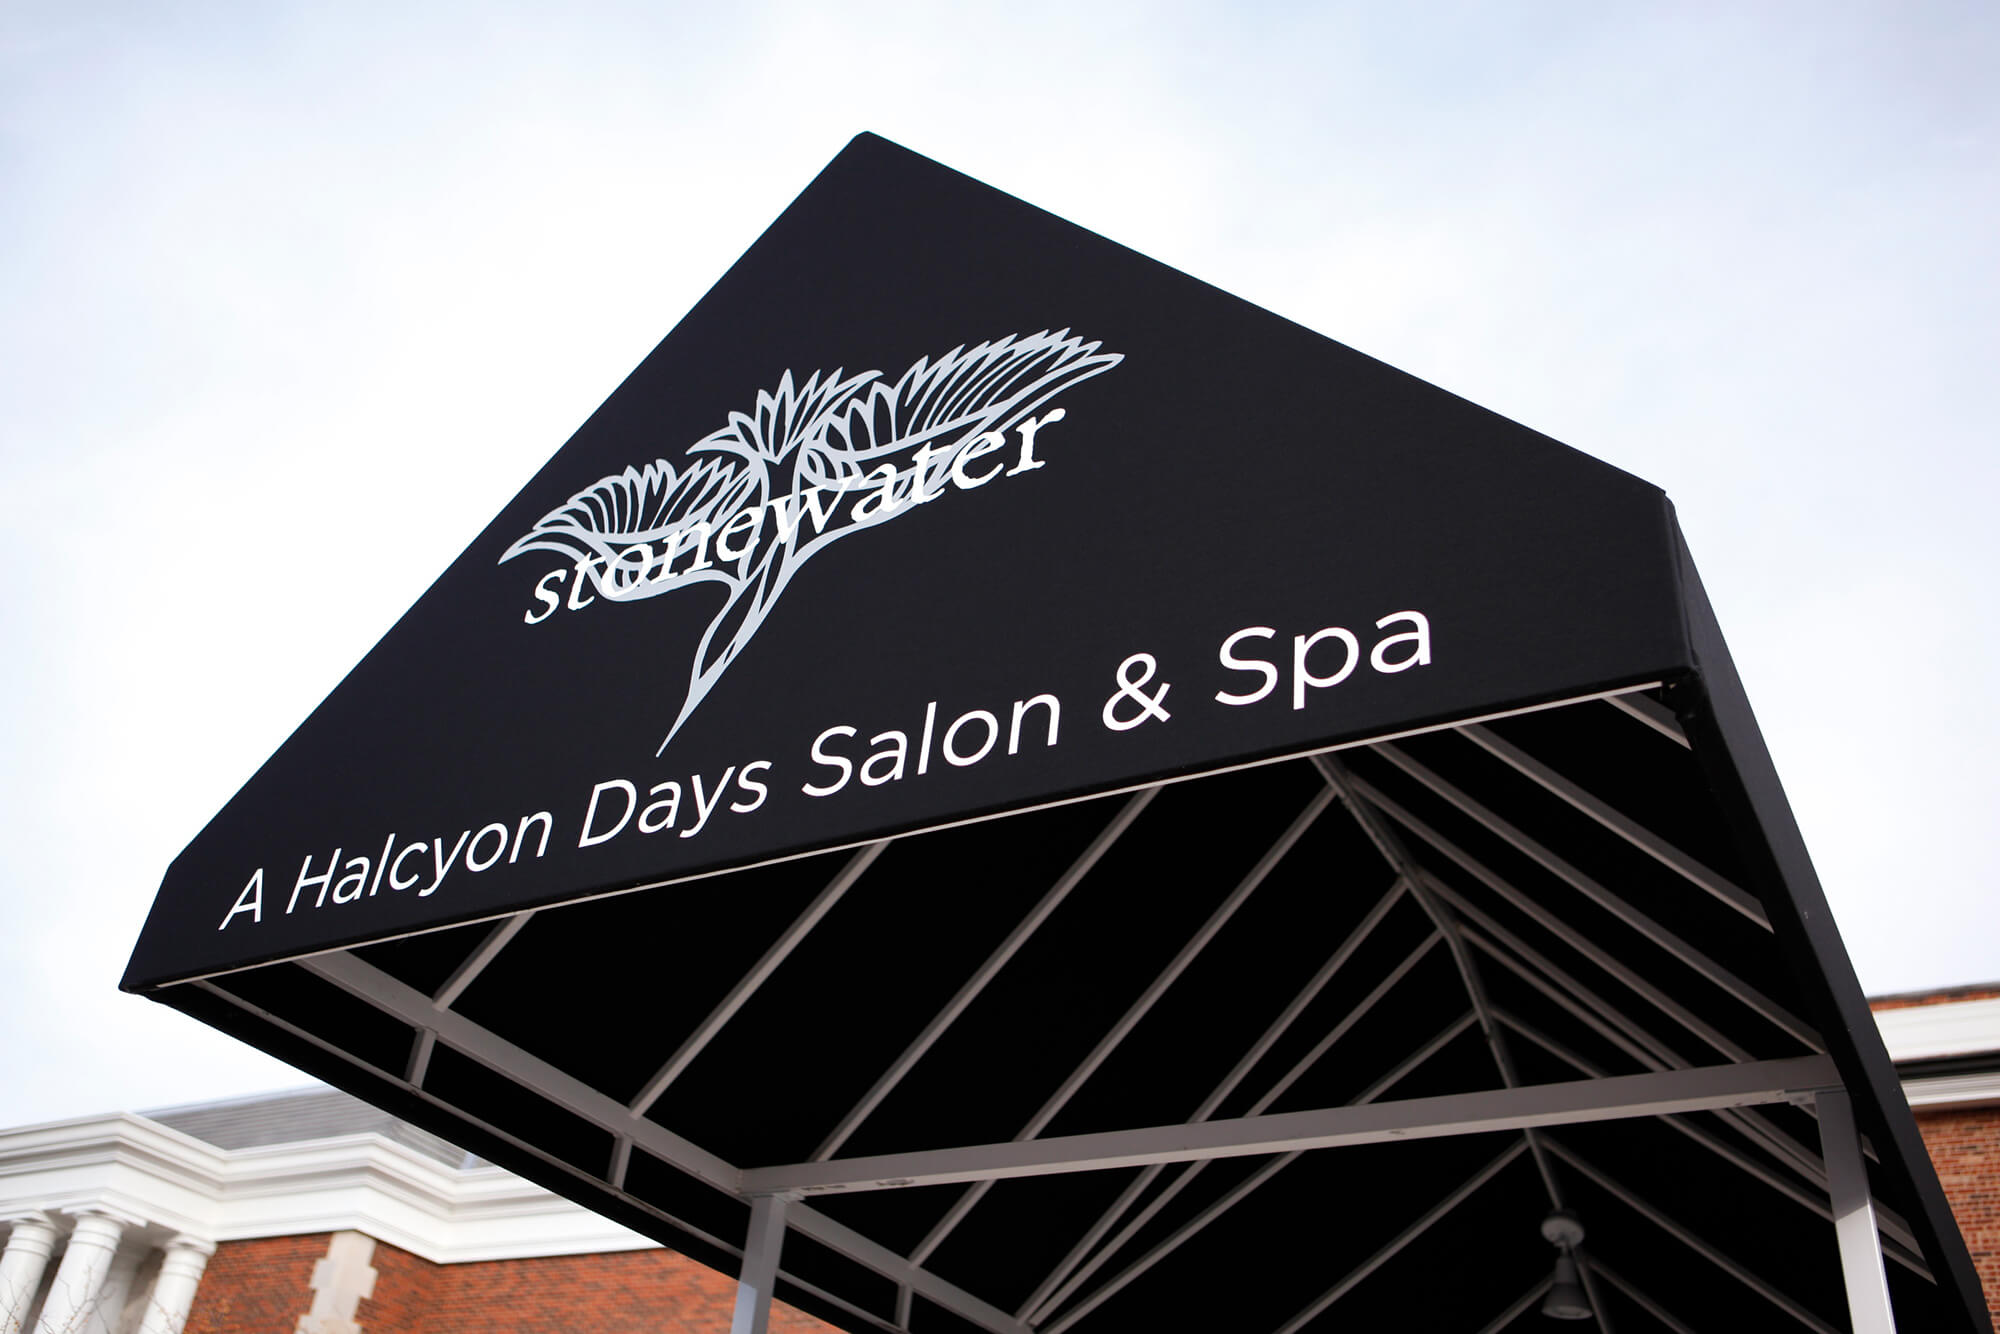 Un spa ofrece una entrada cubierta por un toldo con marco fijo para sus clientes